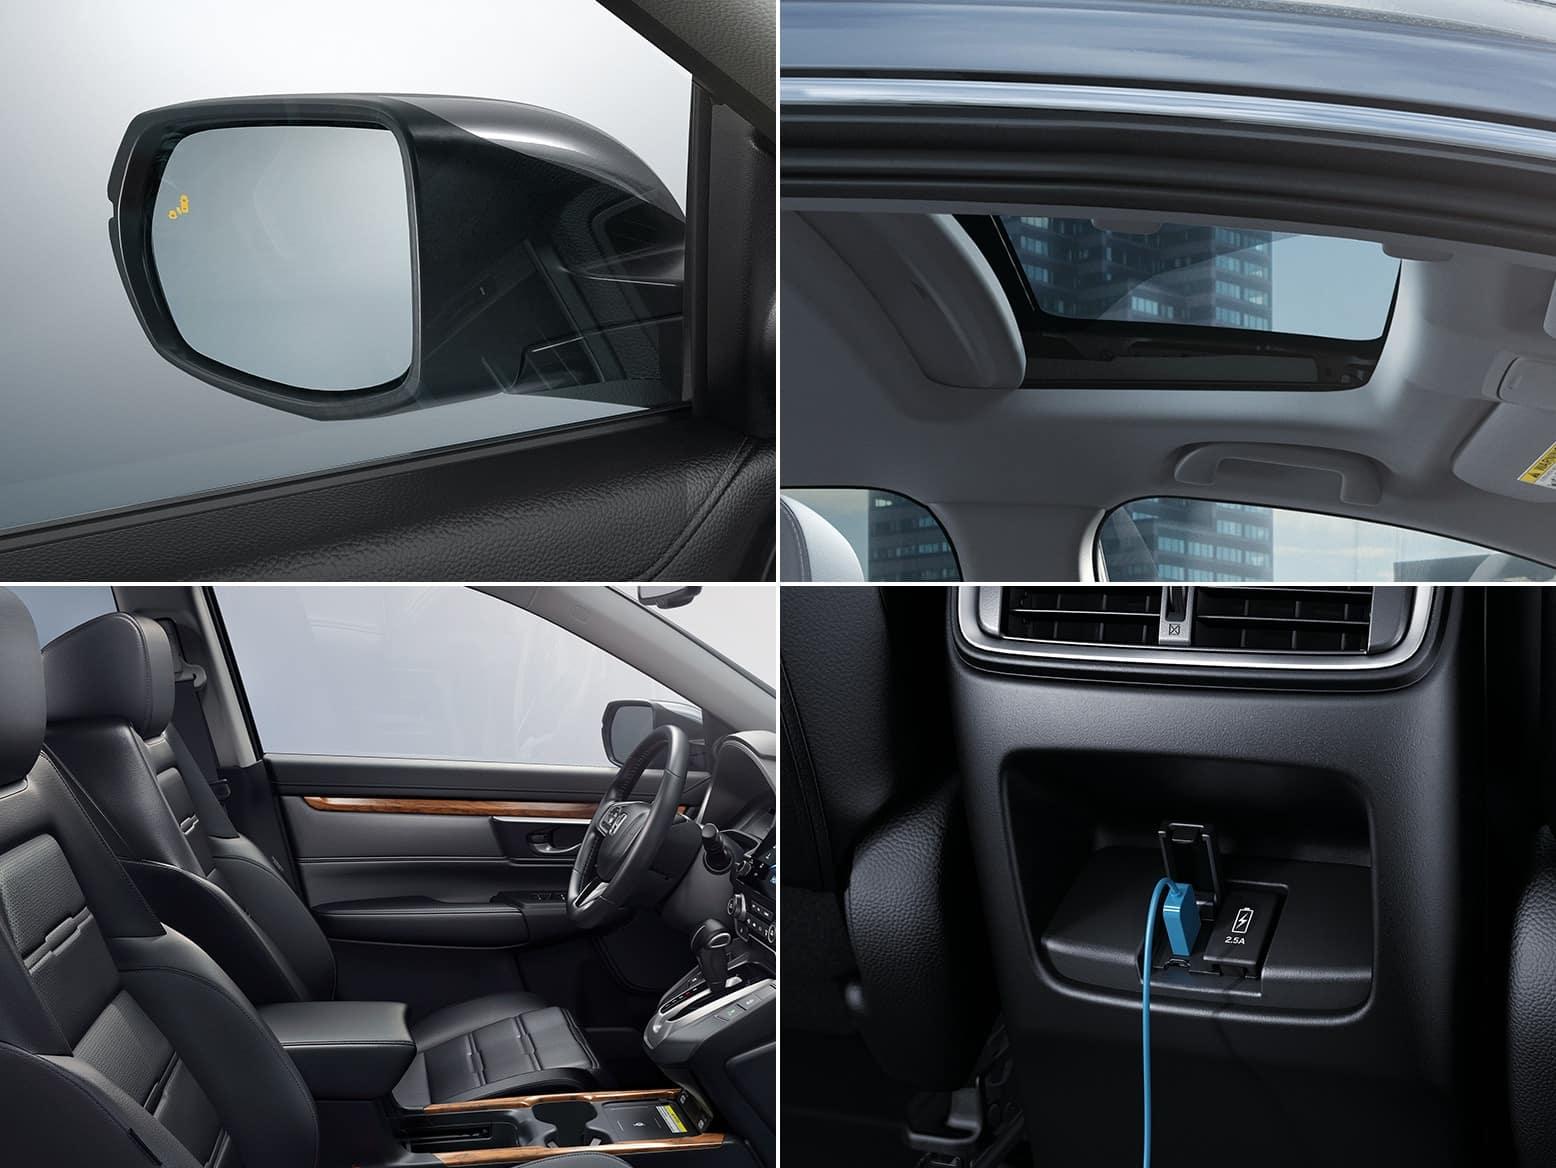 2021 Honda CR-V EX features